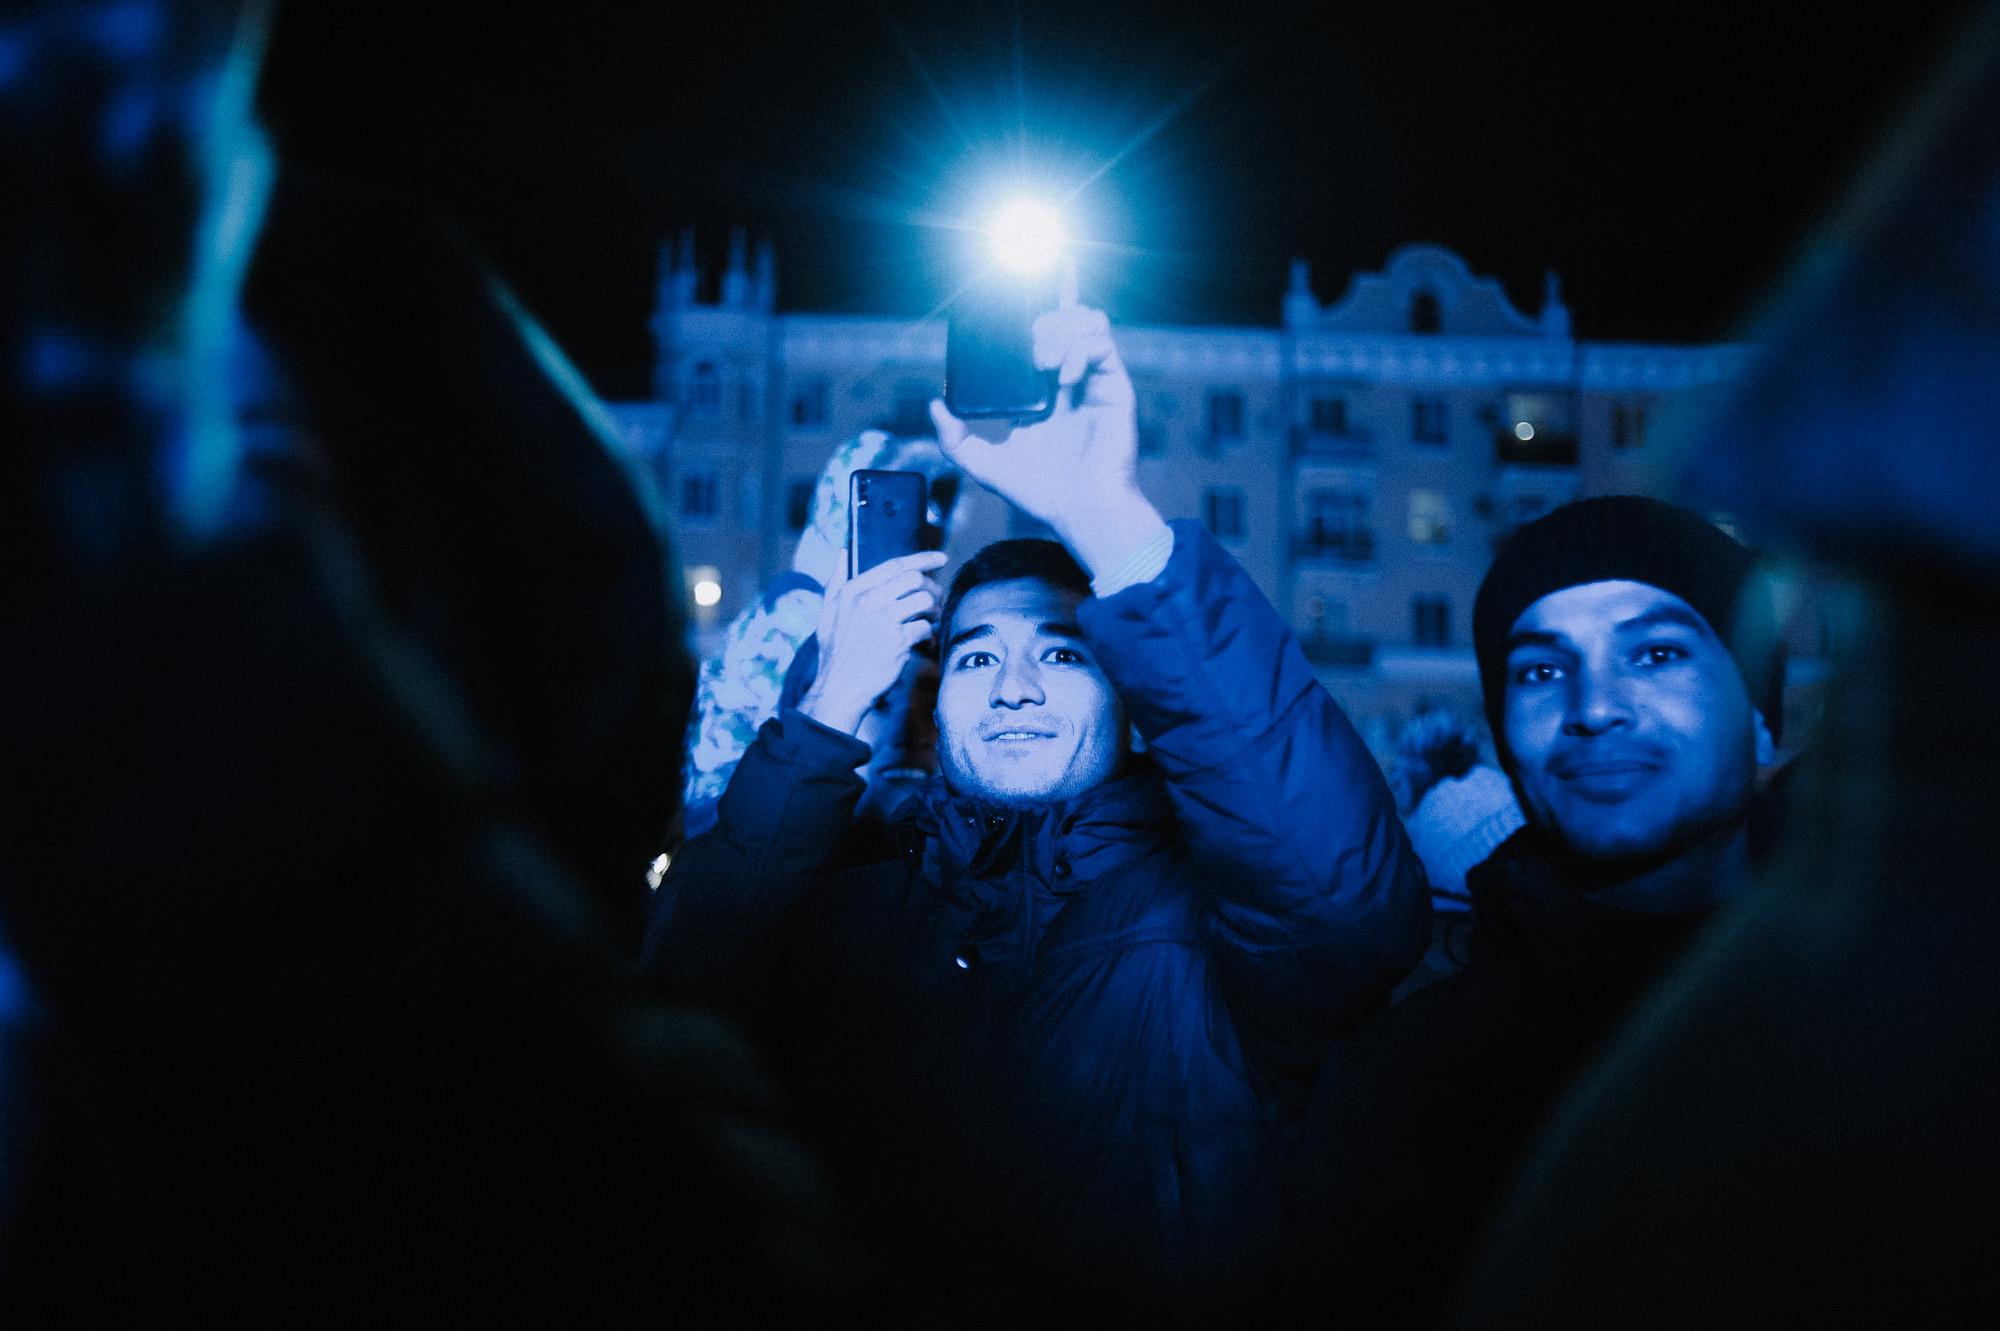 ZZZ 6996 В Астрахани на площади Ленина зажгли новогоднюю елку: кадры торжества